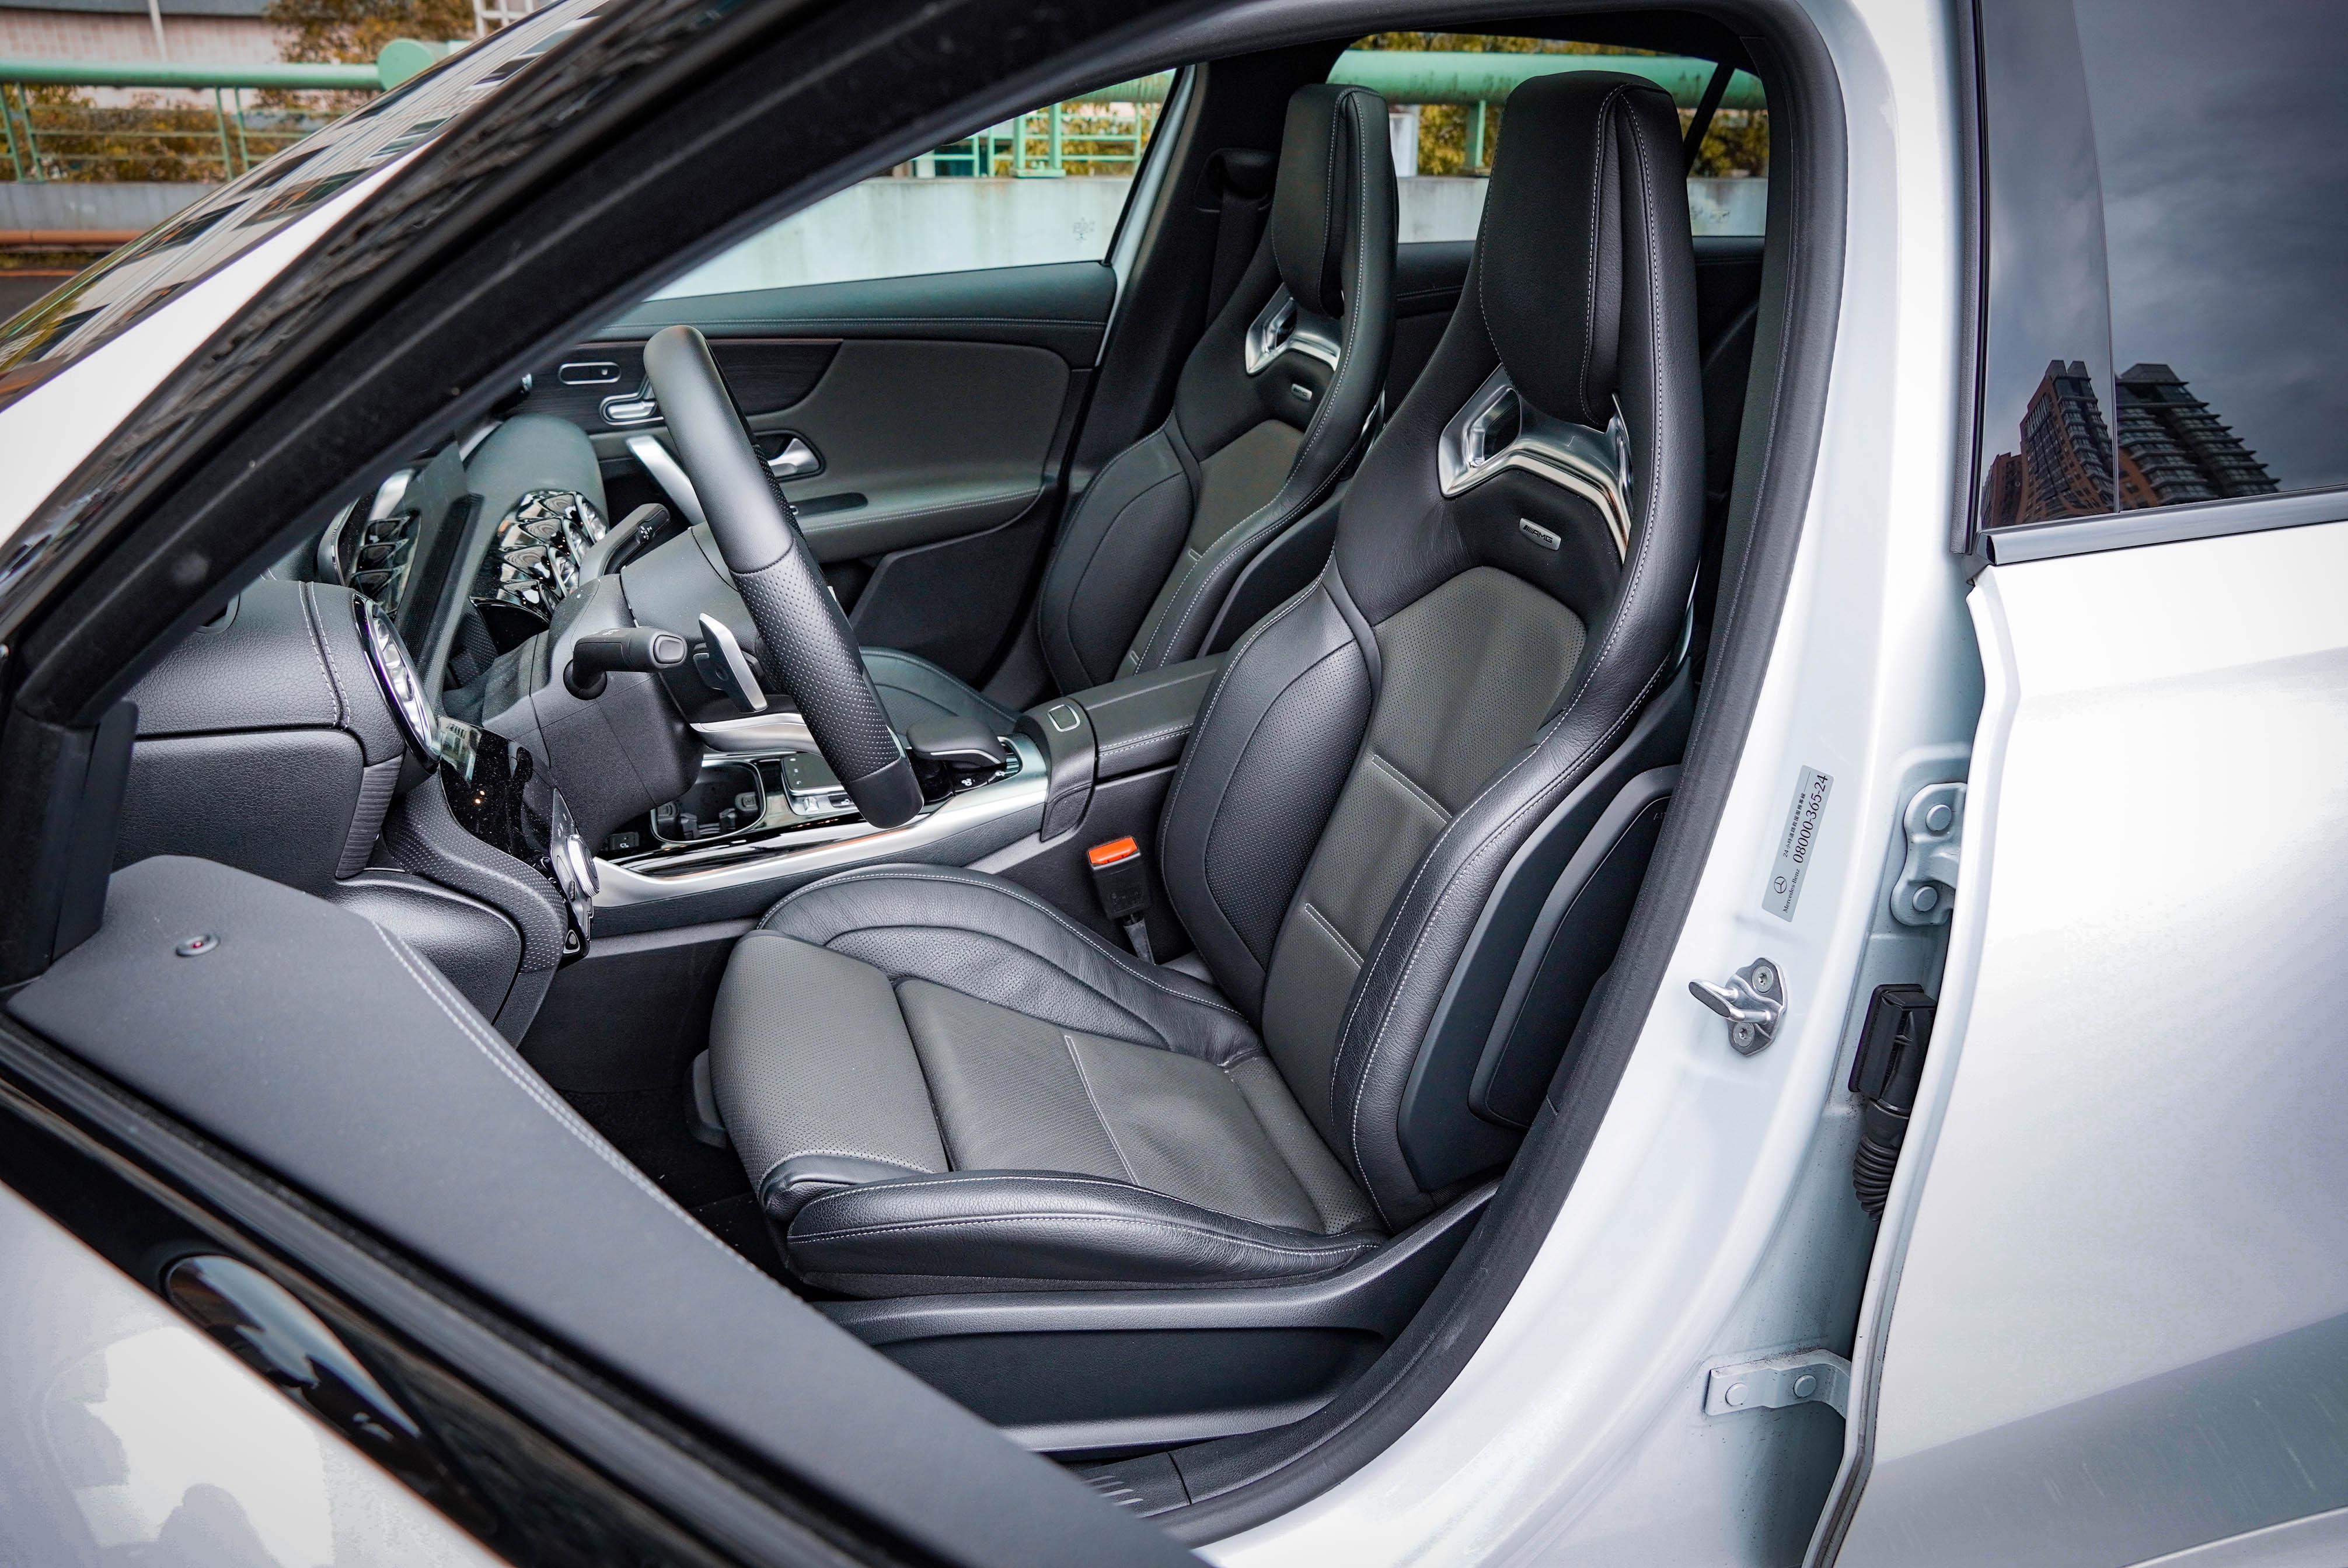 試駕車選配 AMG 高性能賽車真皮座椅套件,含多重支撐充氣調整雙前座及AMG高性能賽車椅。但此套件量產車未供應,標配的是 ARTICO/DINAMICA 跑車型座椅含紅色縫線。